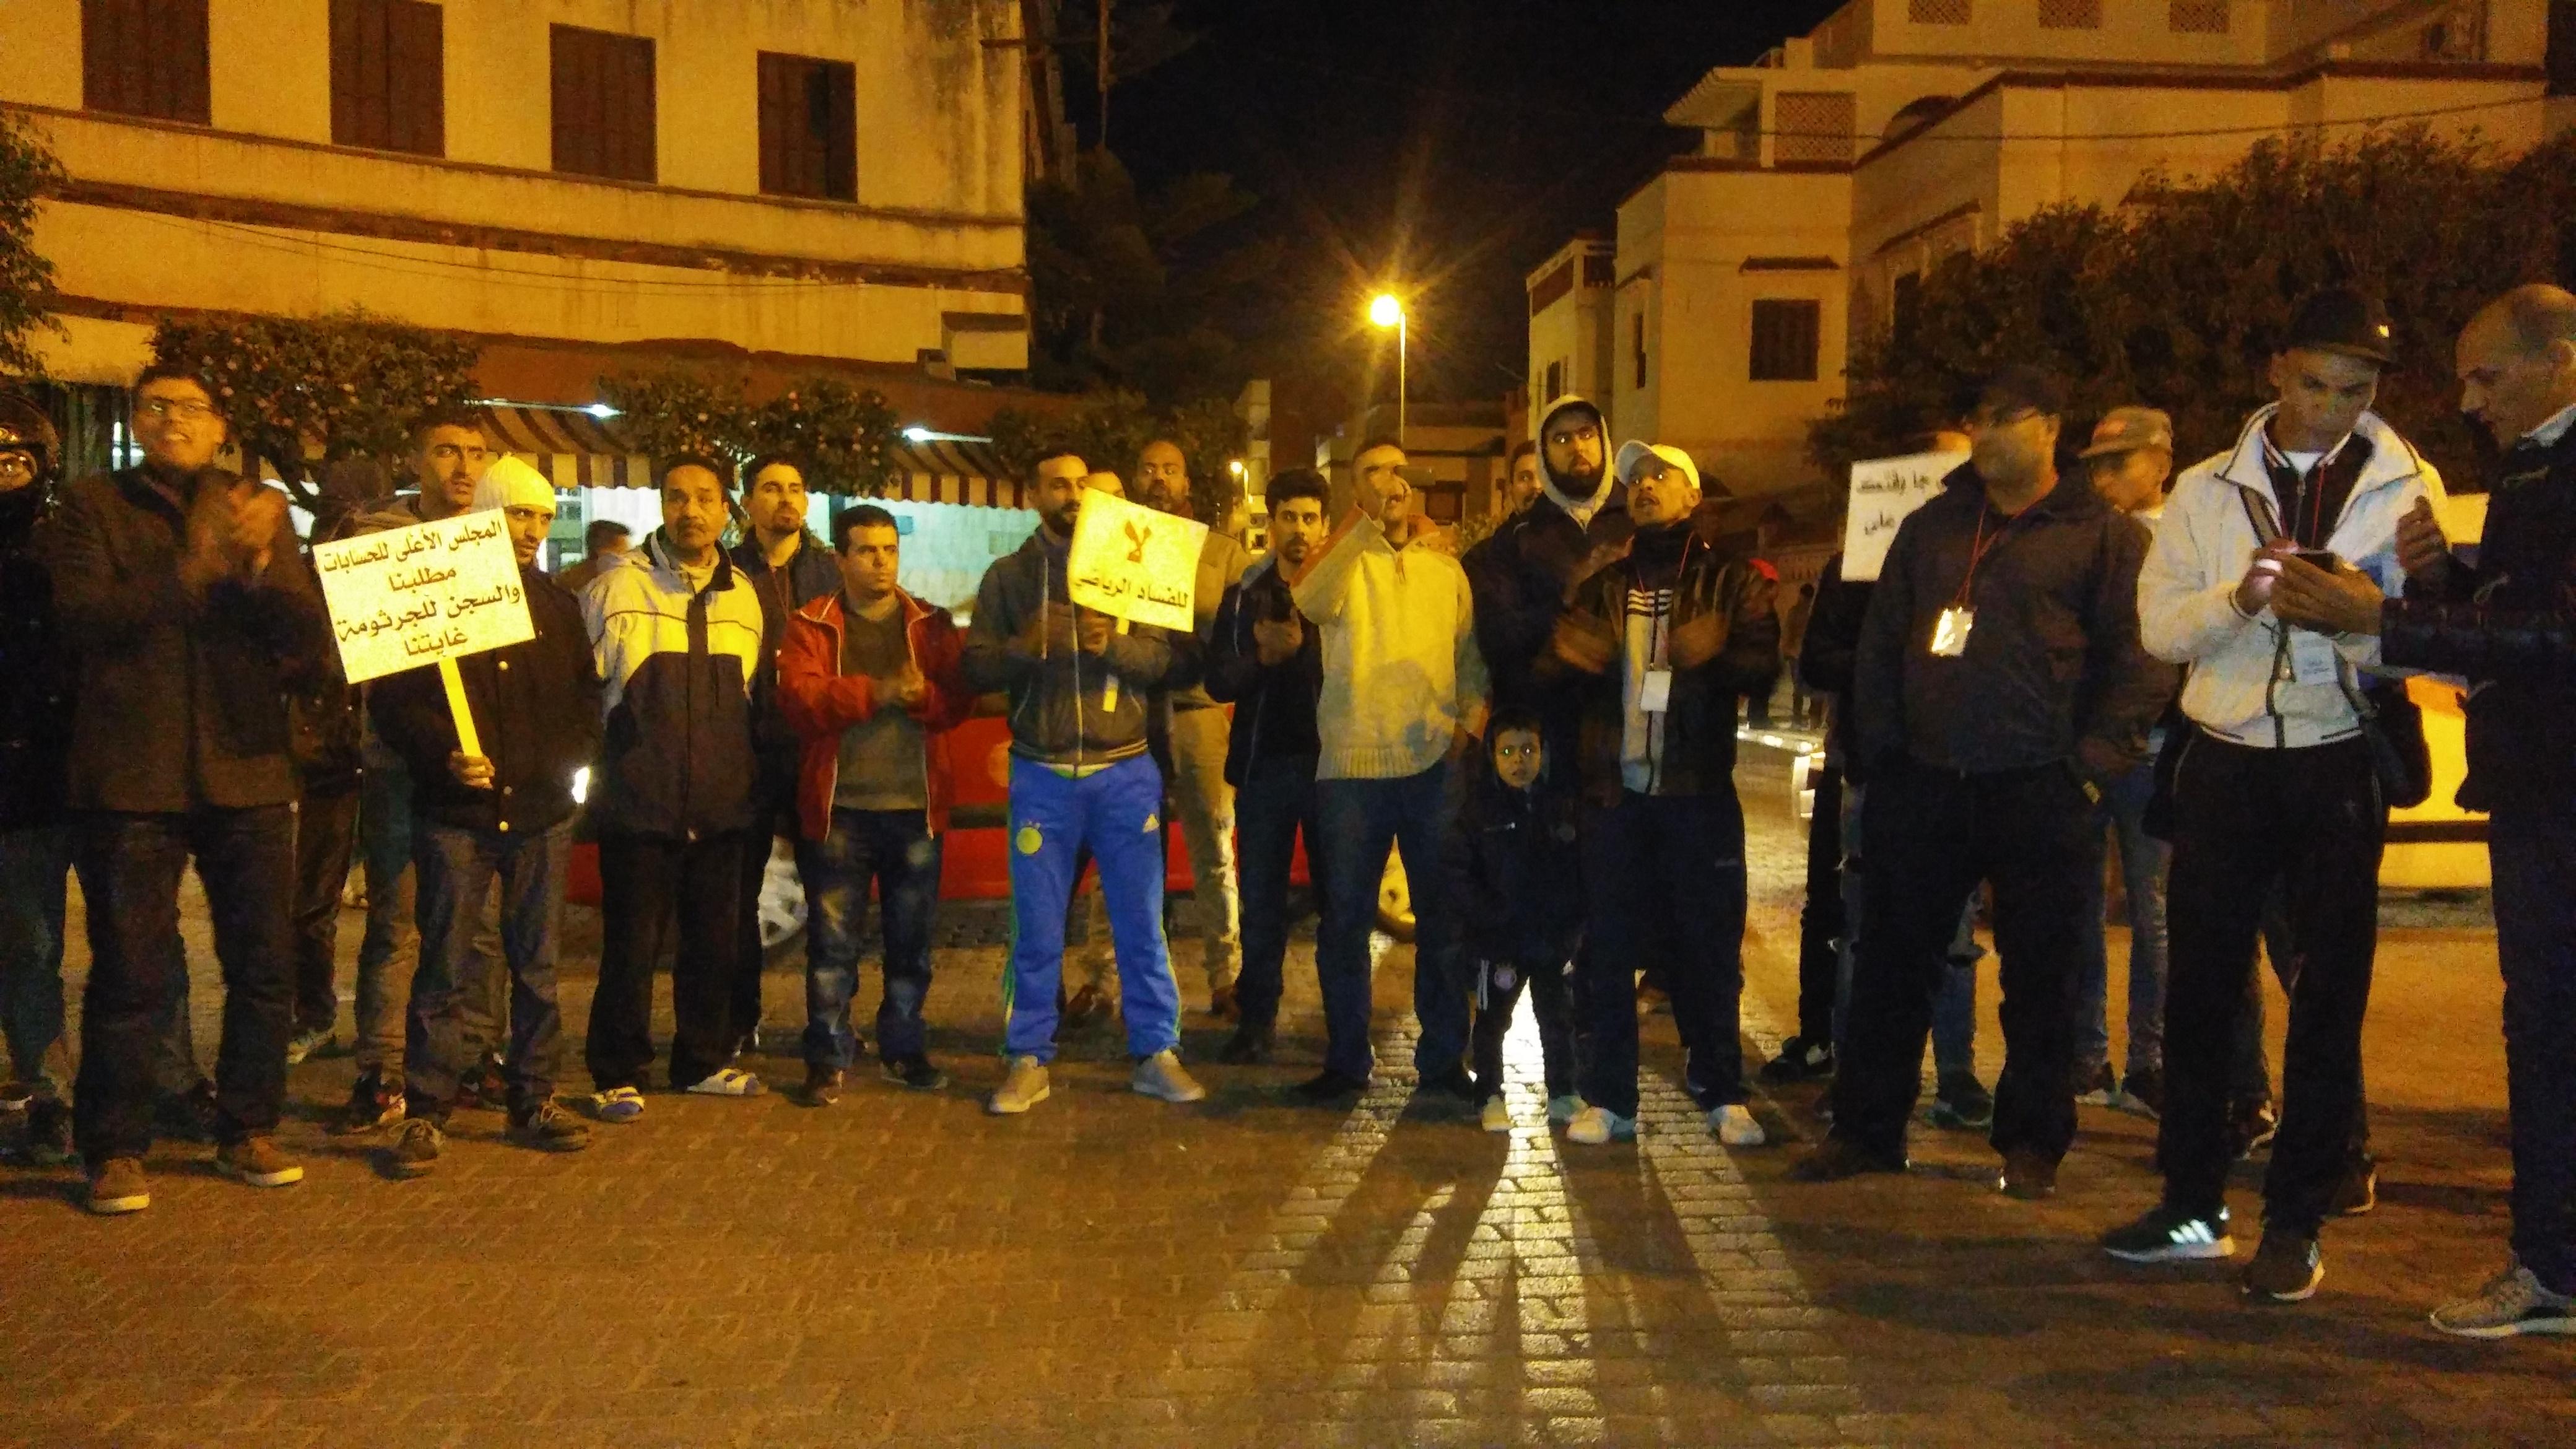 العشرات من المحتجين يطالبون برحيل ومحاسبة المكتب المسير للنادي القصري لكرة القدم